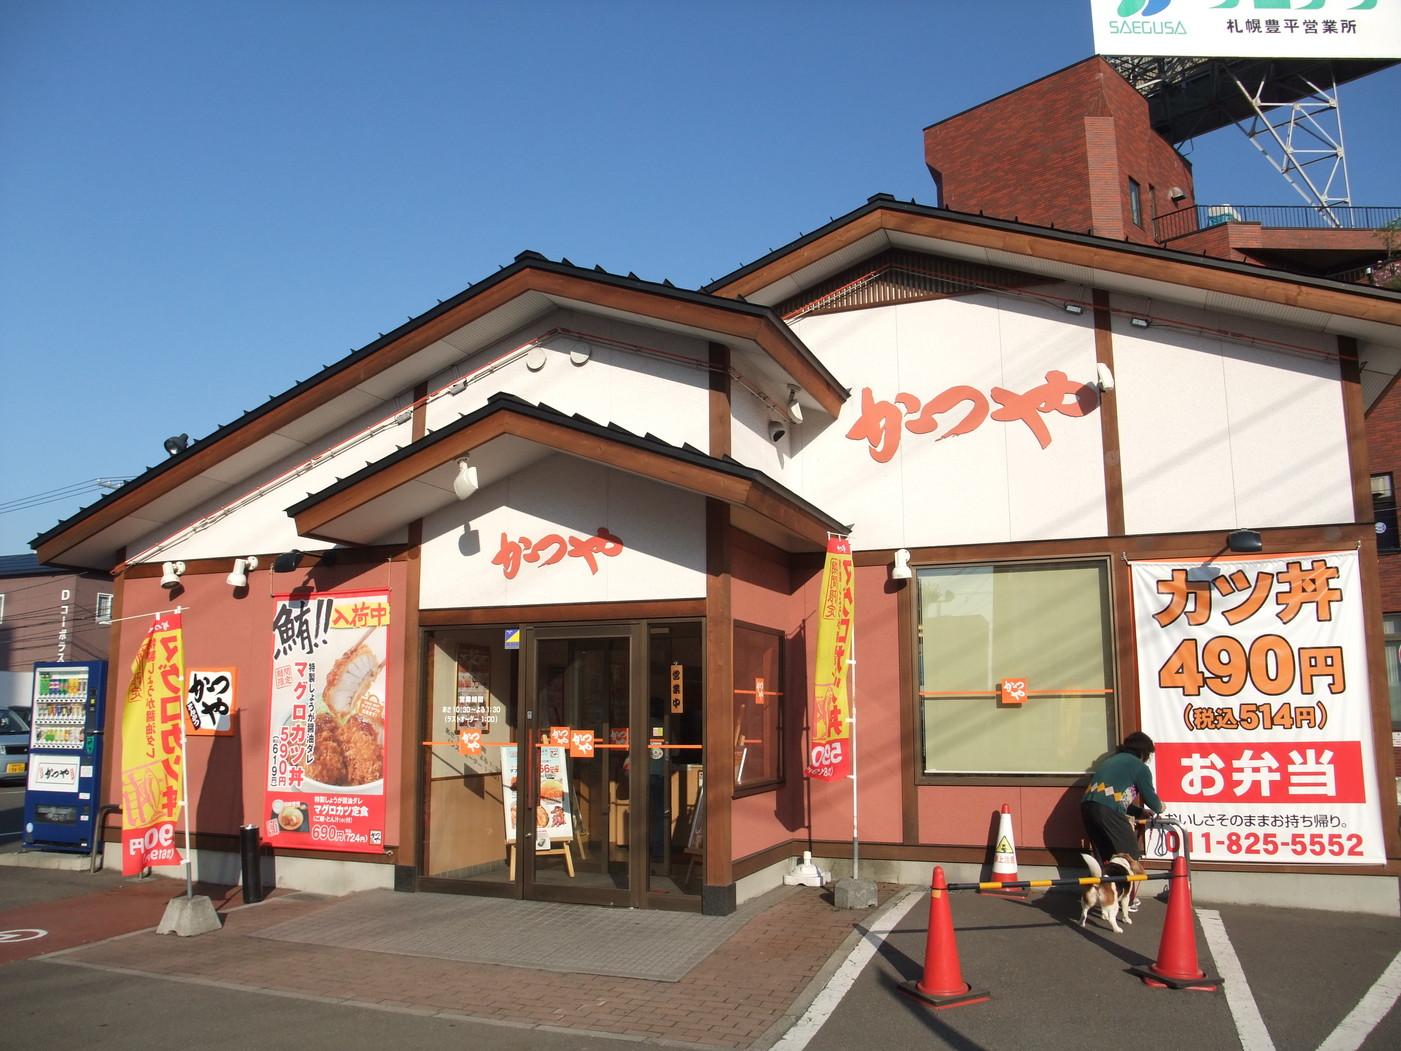 かつや 札幌美園店